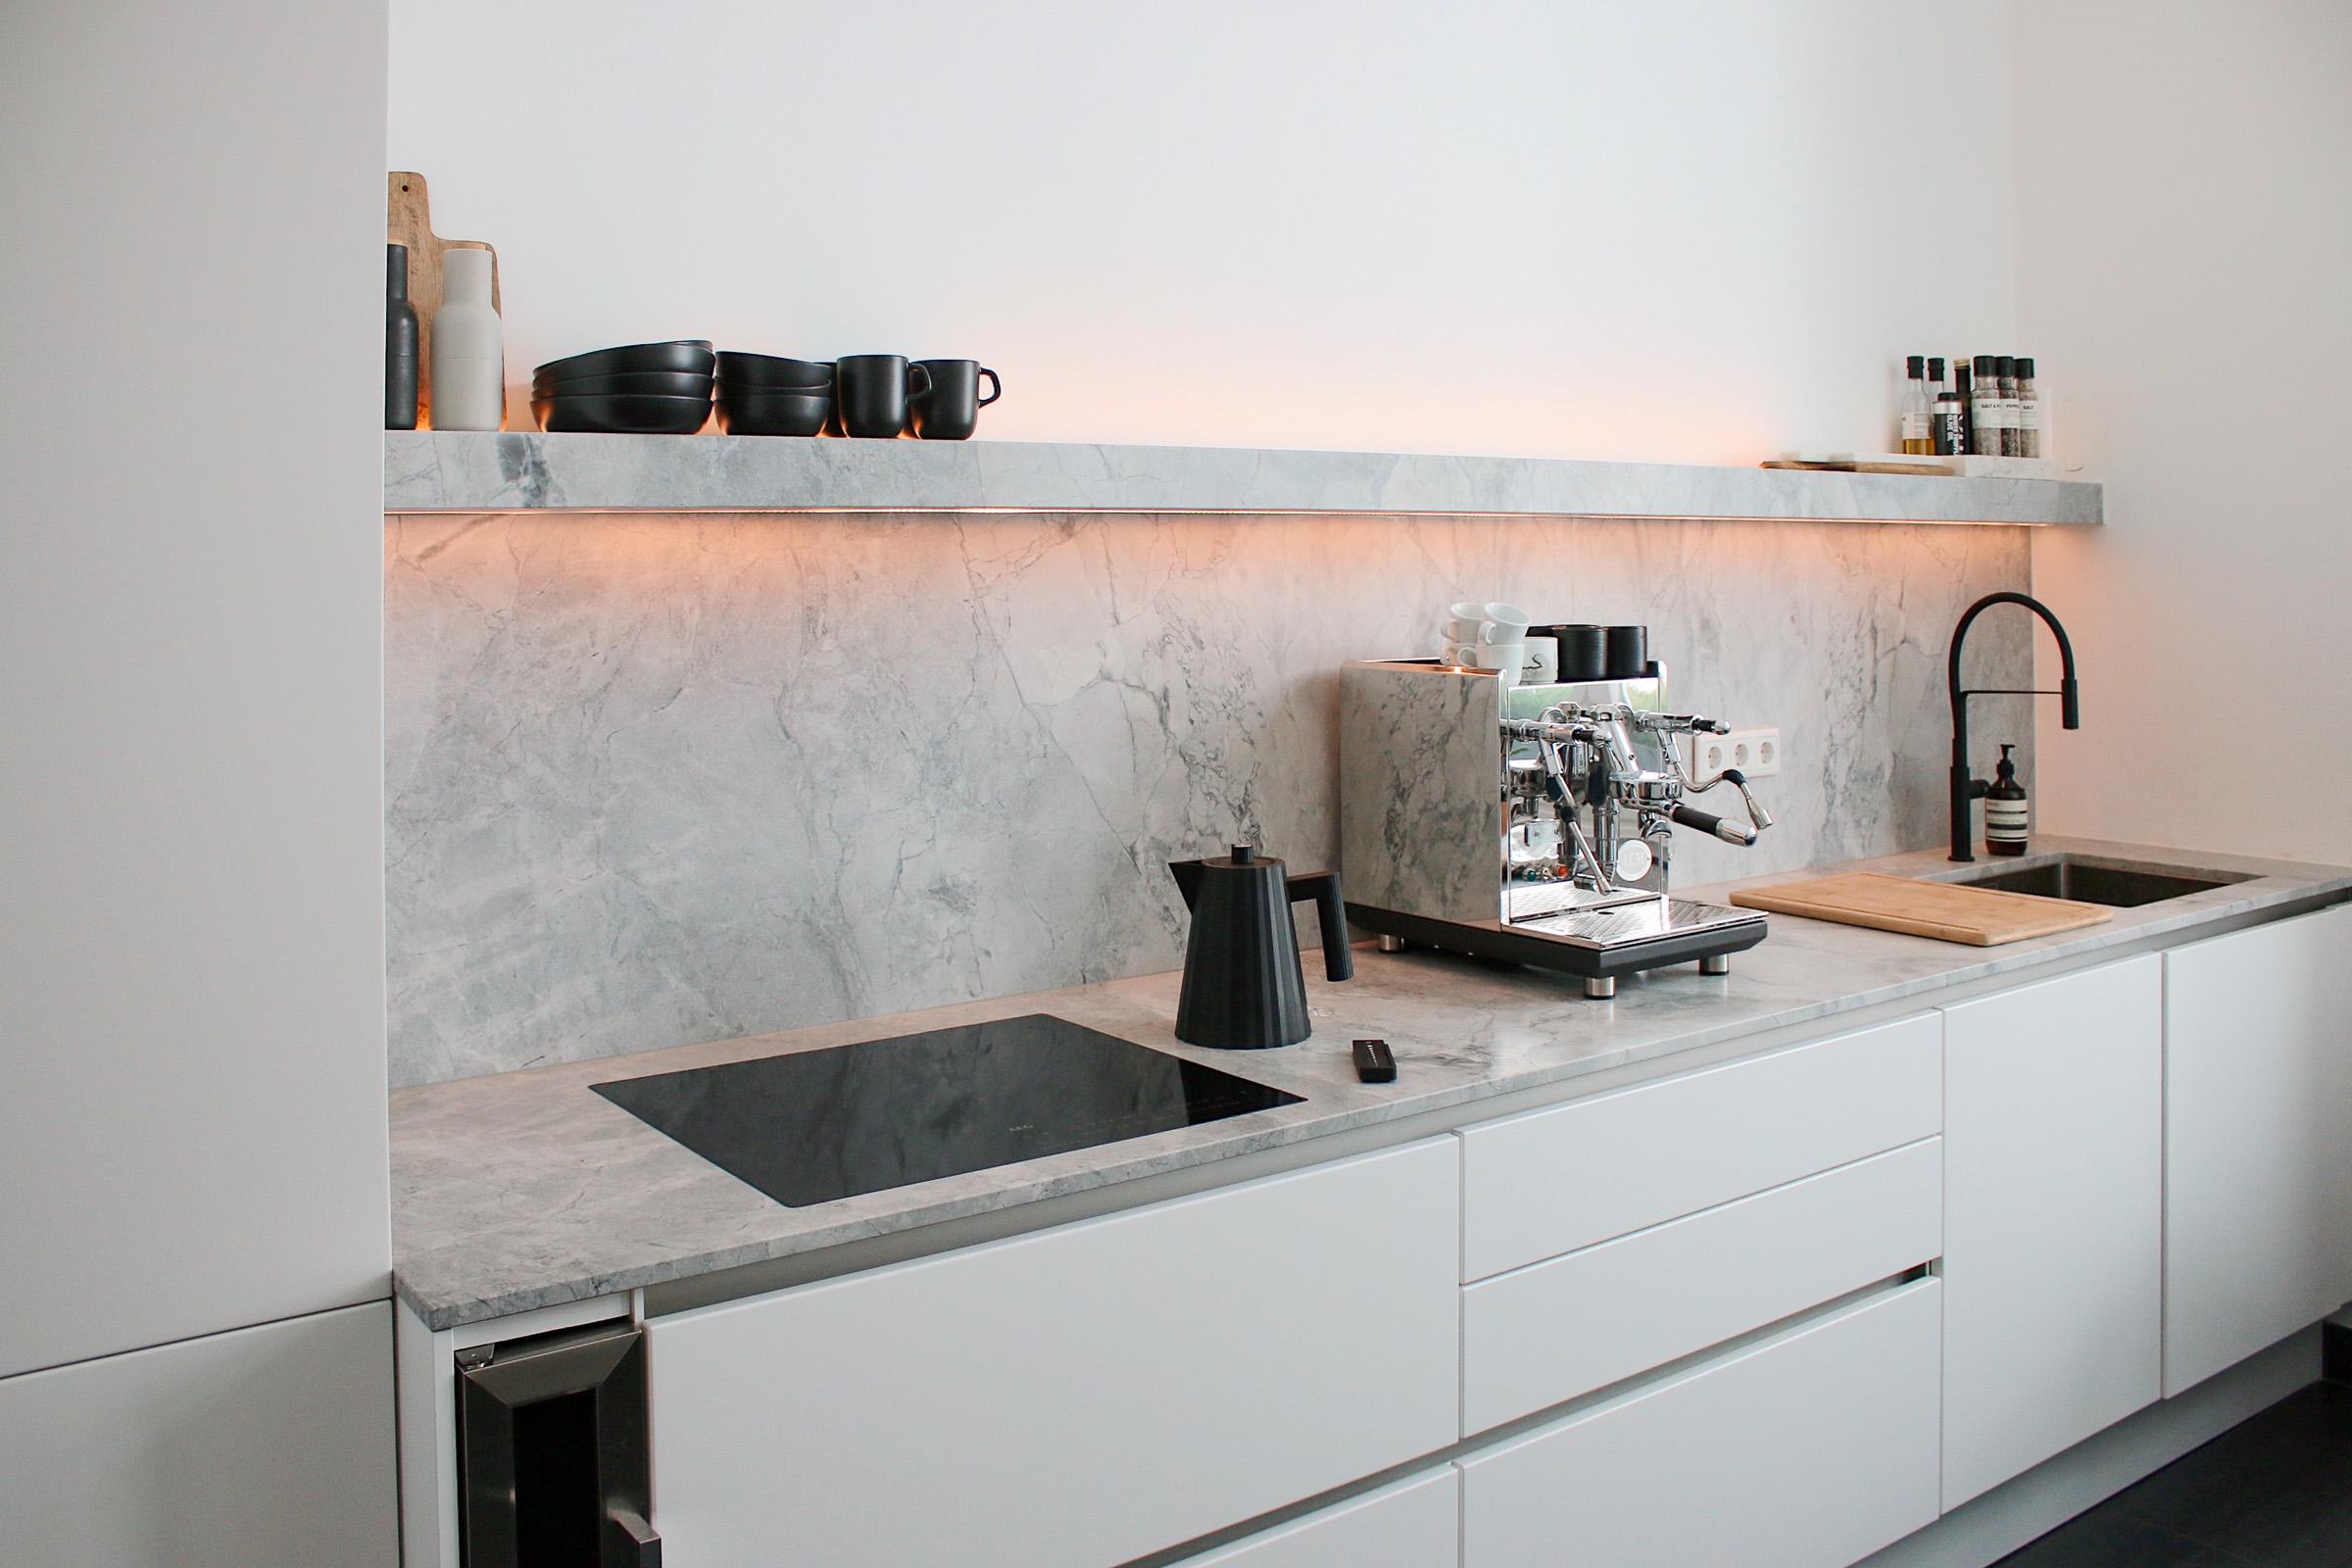 mcr-marmor-center-arbeitsplatte-kueche-sebastian-schmidt